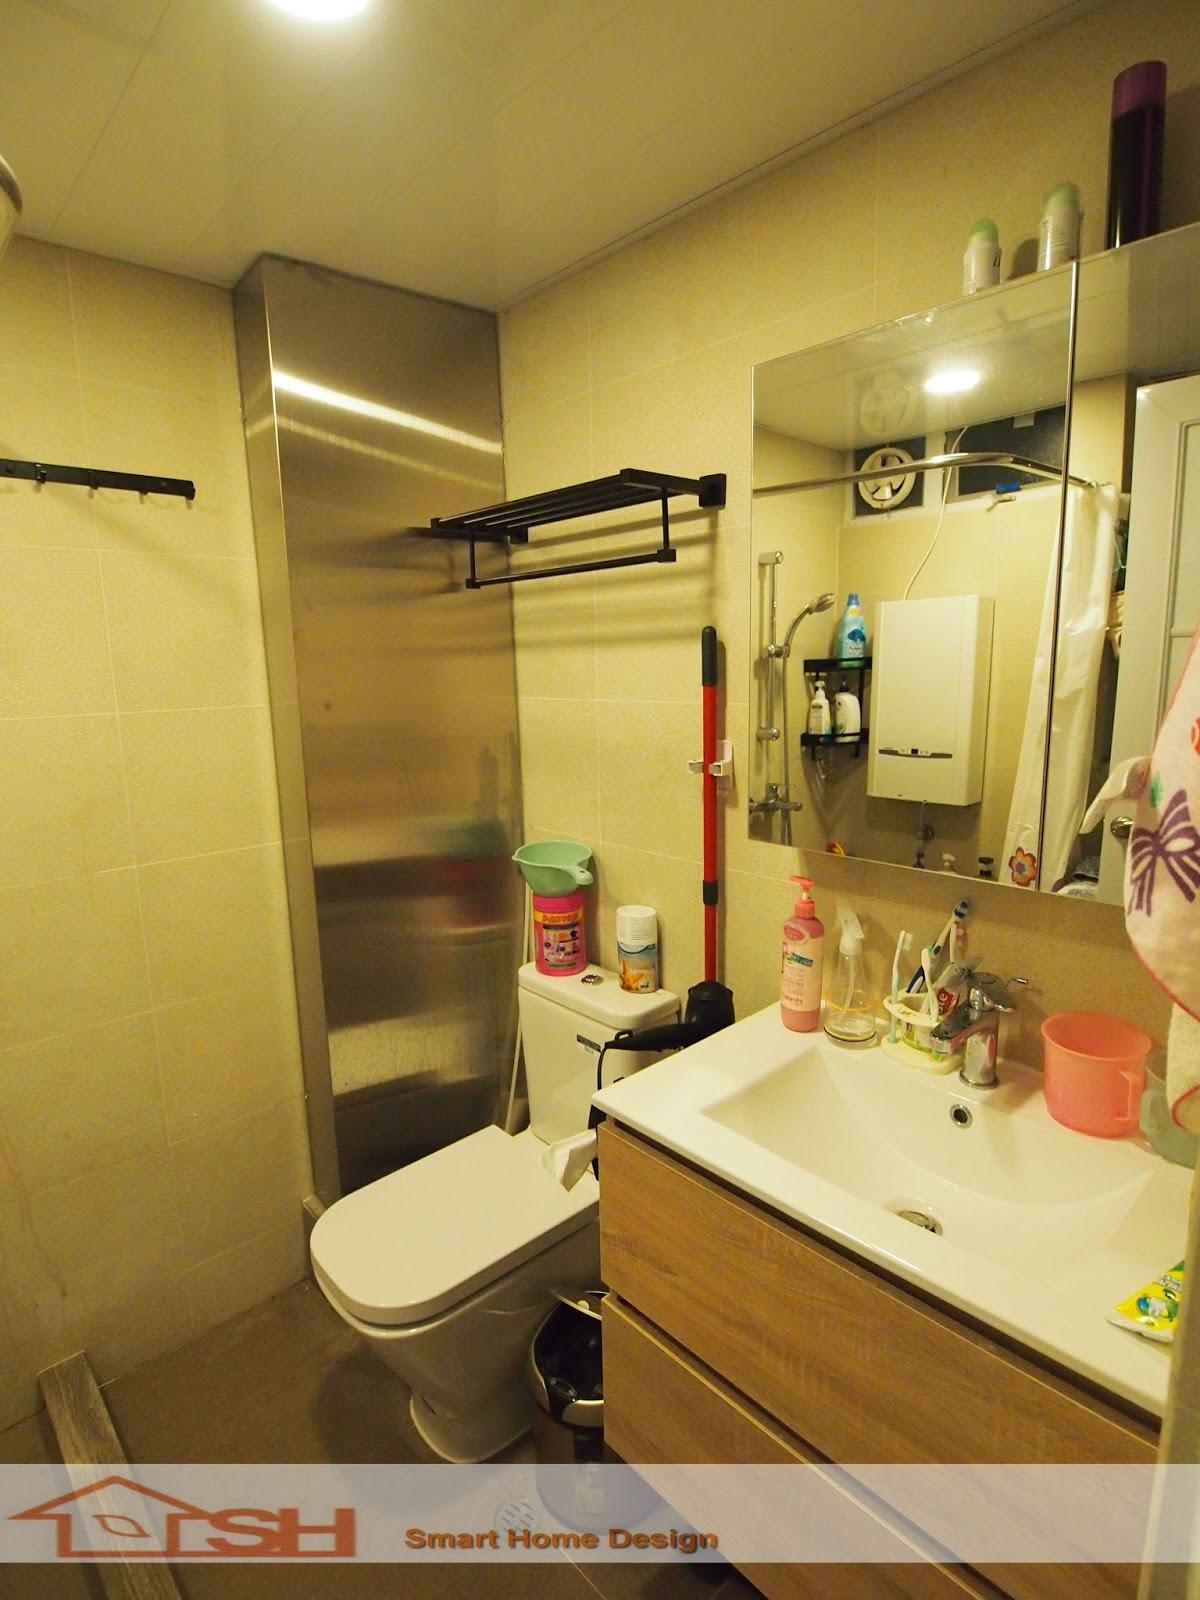 裝修/廚櫃/傢俬/卓形設計Smart Home Design: #公屋裝修 #李鄭屋邨裝修 #工字型公屋 #H型公屋單位